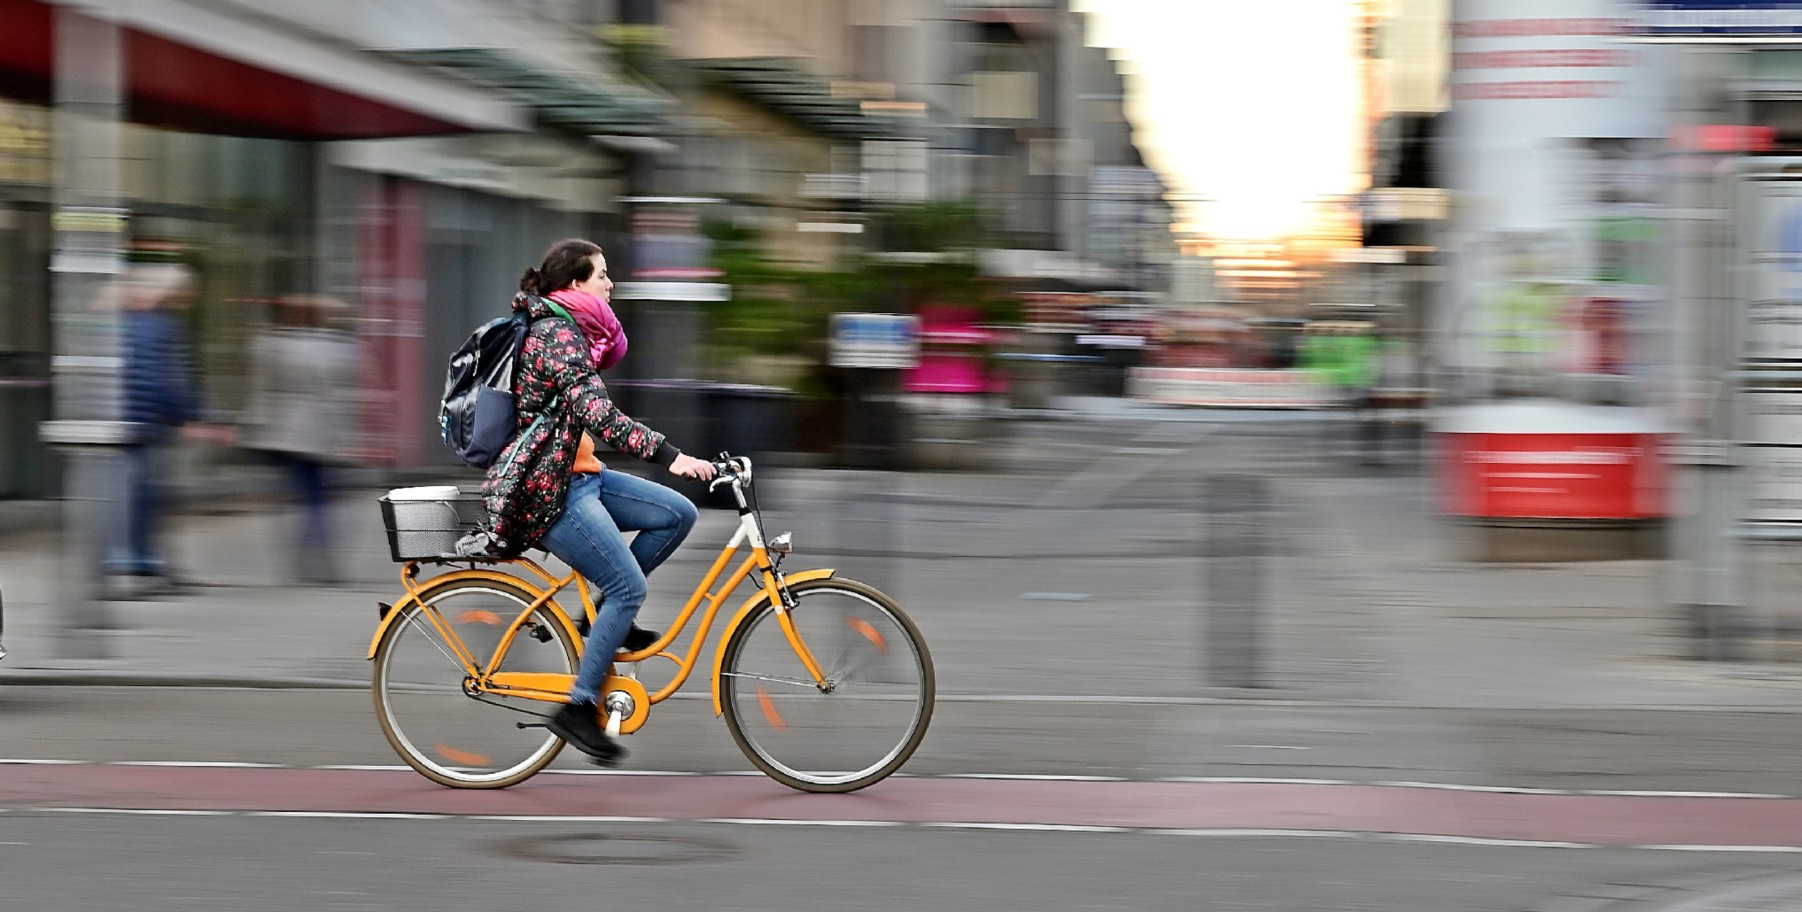 Freie Straßen für freie Bürger, das ist eigentlich nur ohne Autos möglich. Doch wie motiviert man Autofahrer zum Umstieg? (Foto: PA/Daniel Kubirski)